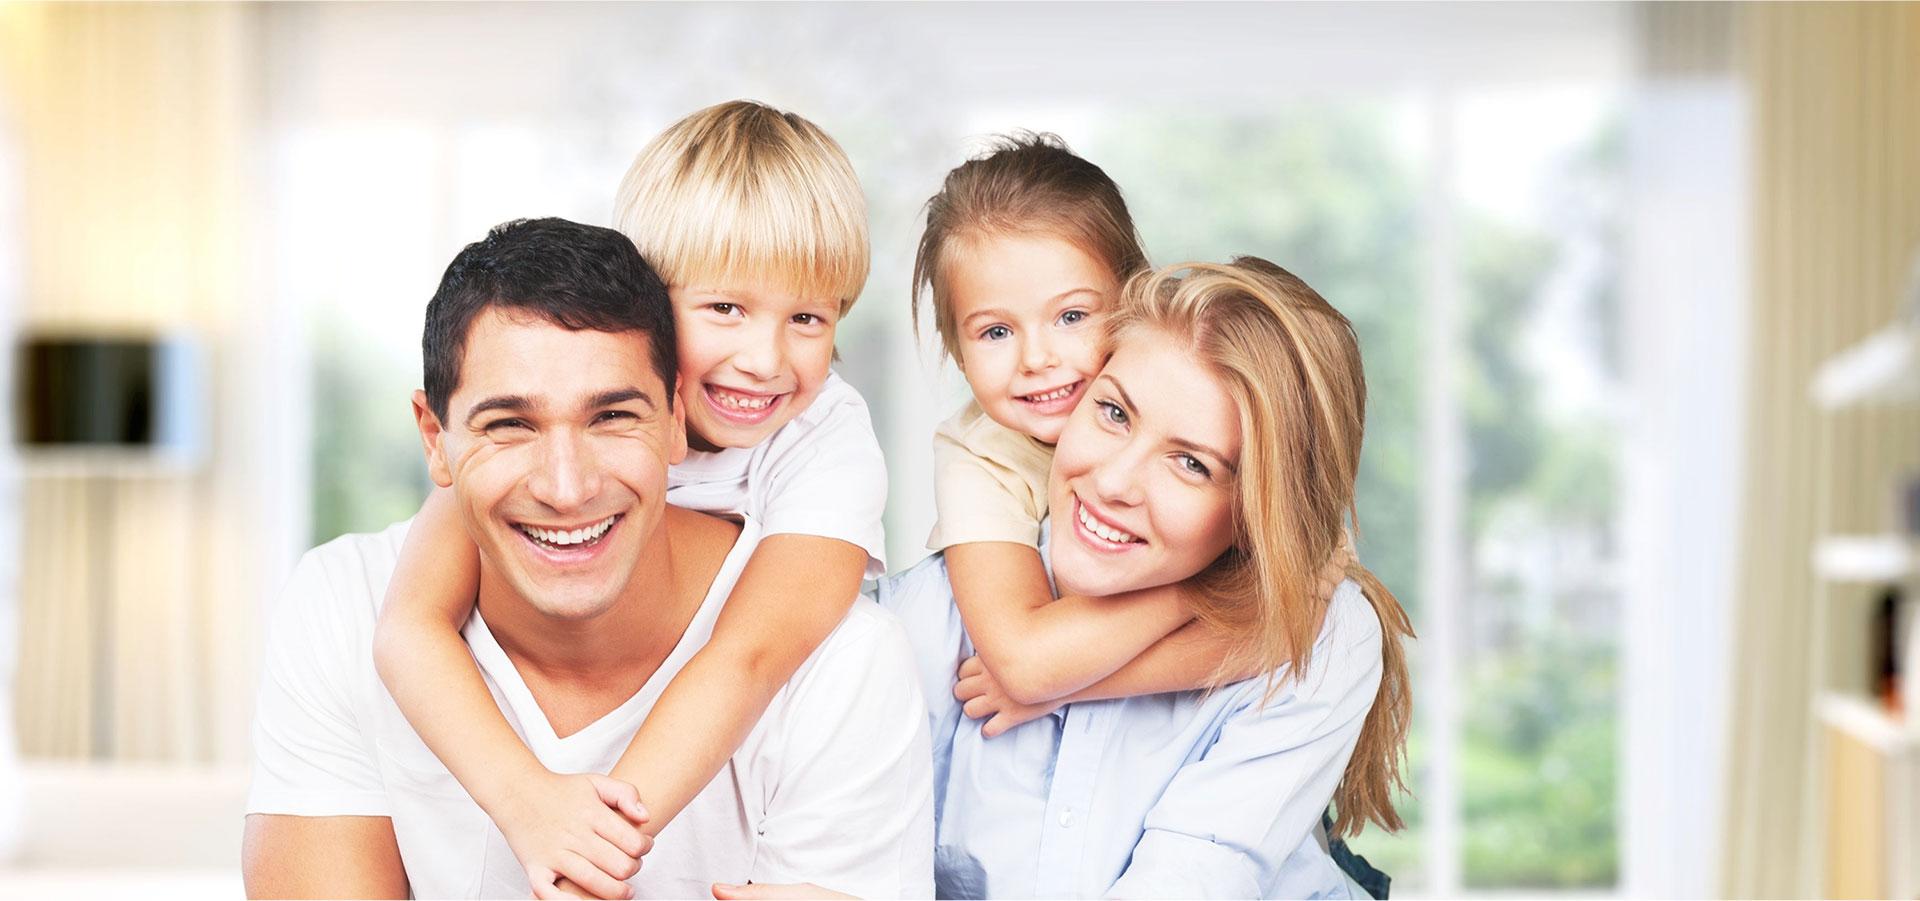 Glückliche Familie – Kieferchirurgie für Ihre Gesundheit